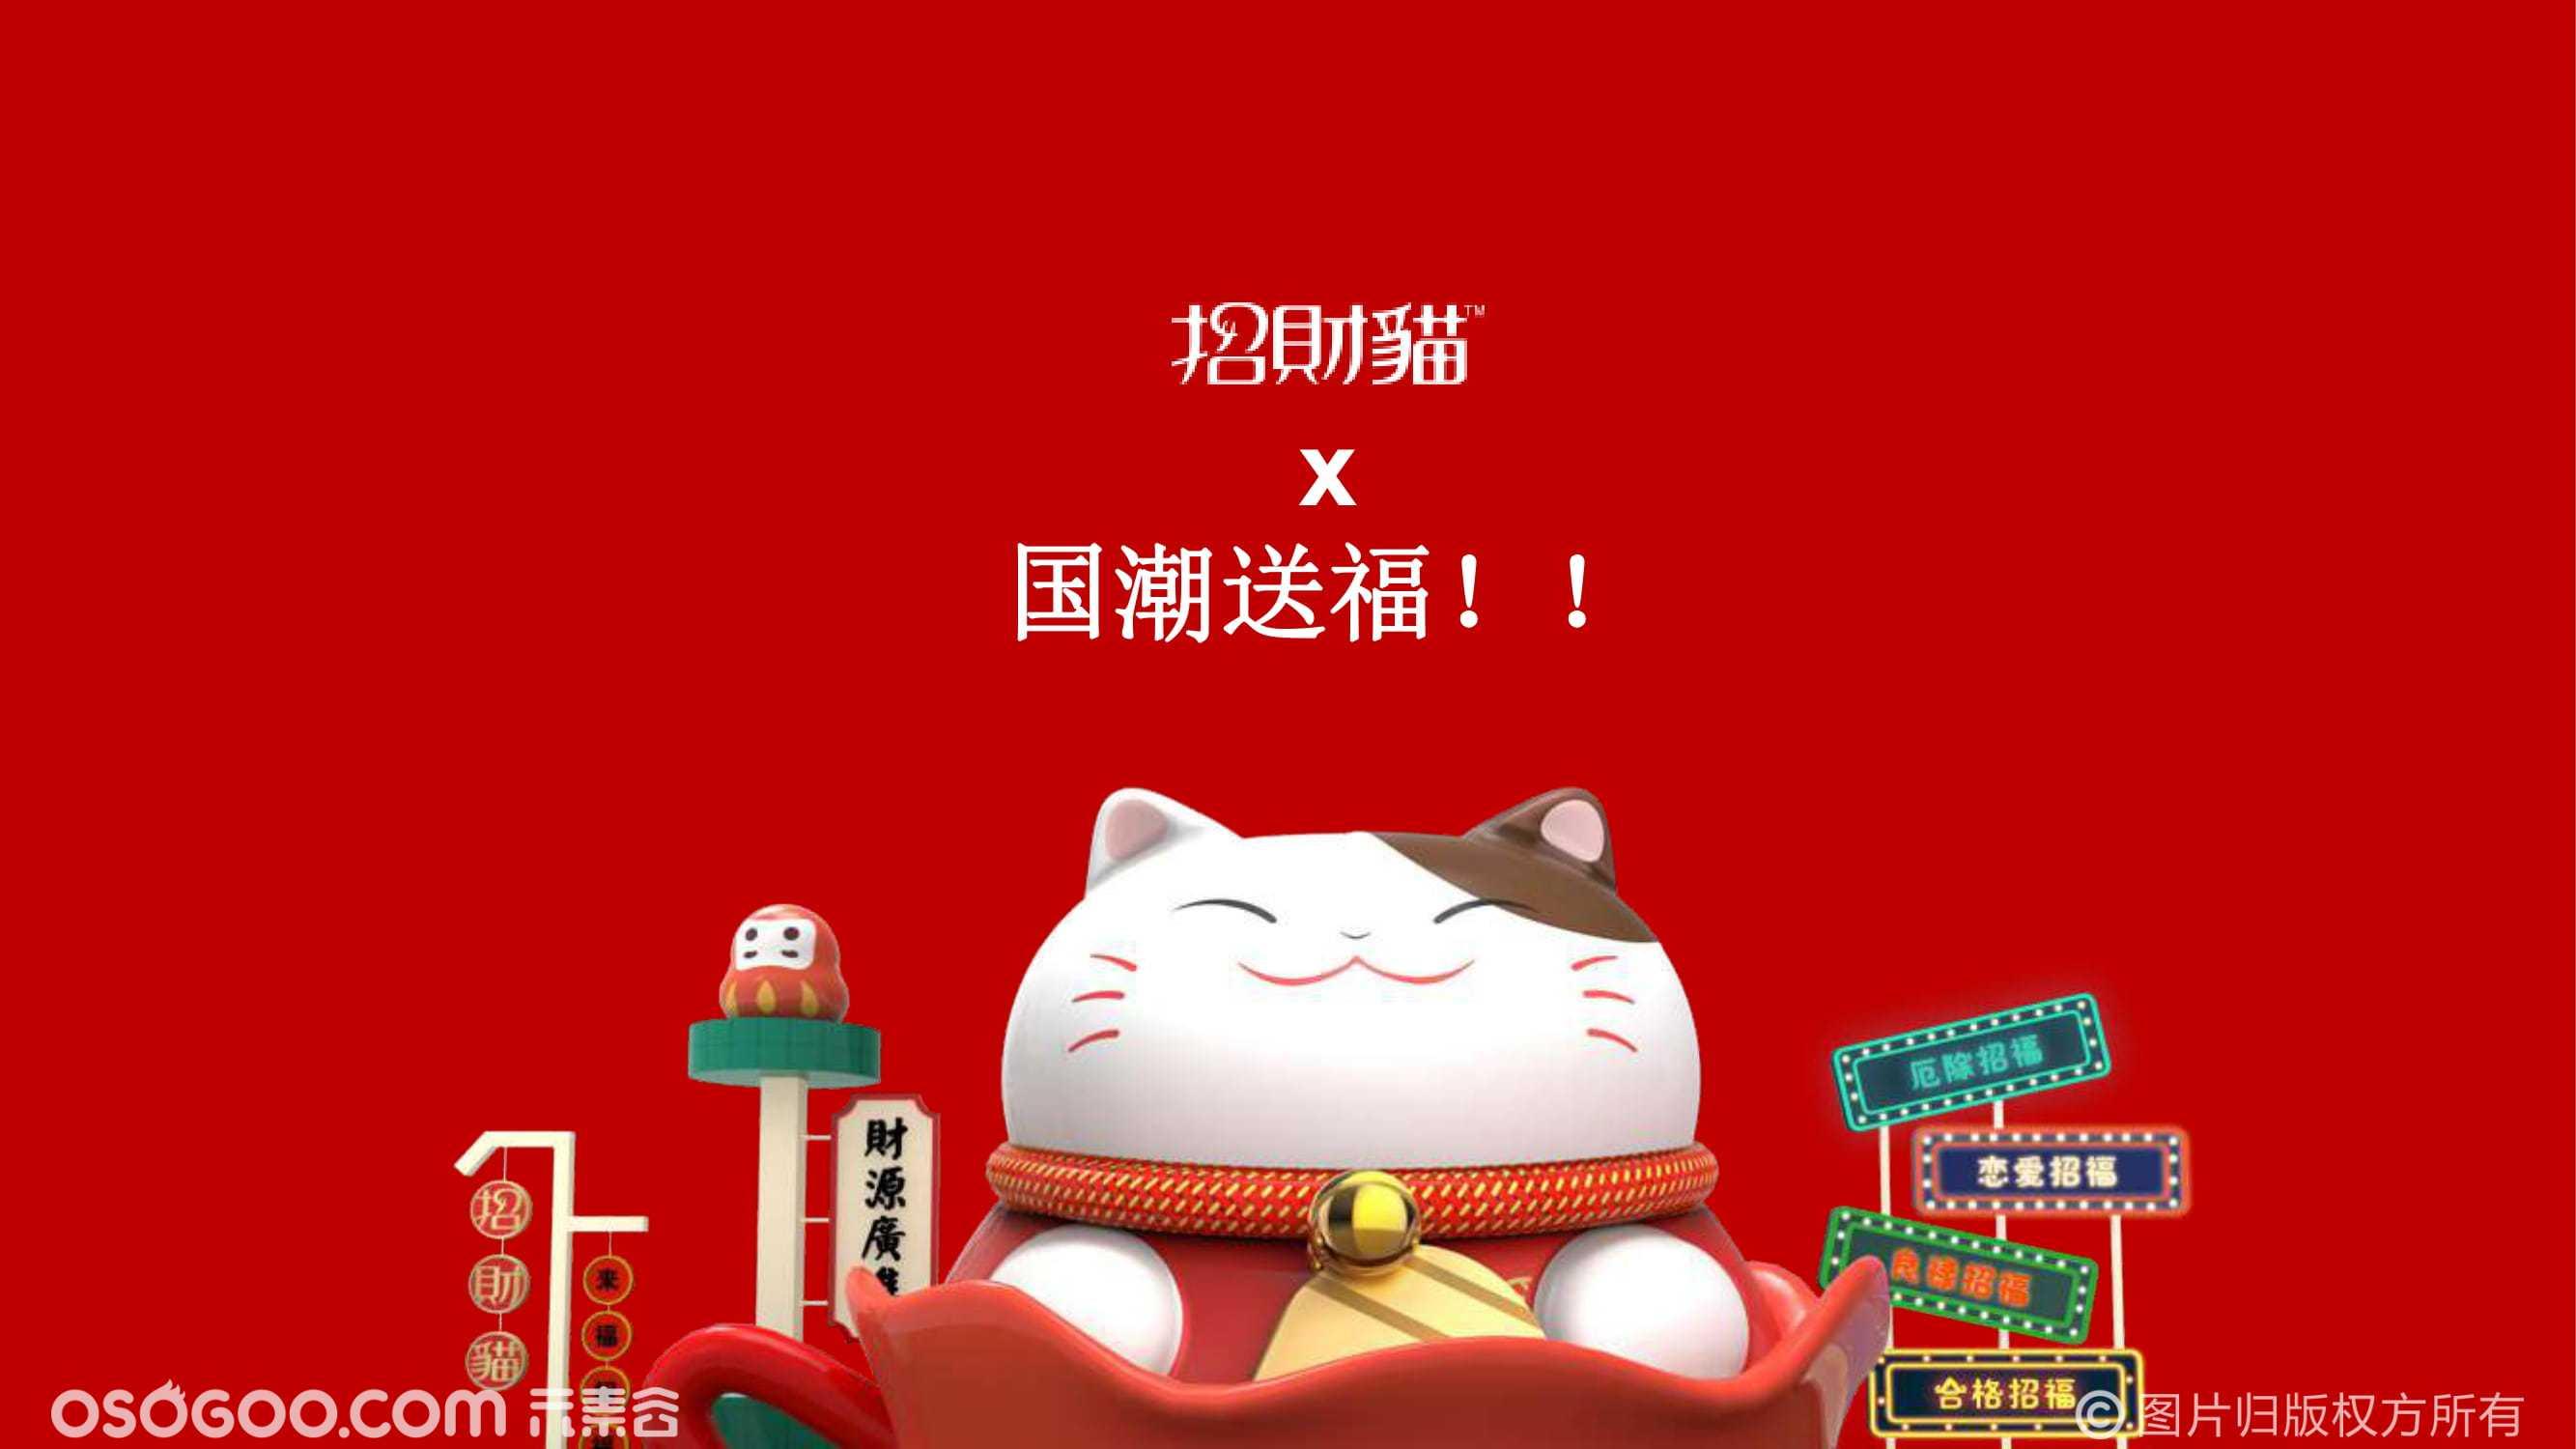 招财猫国潮主题展